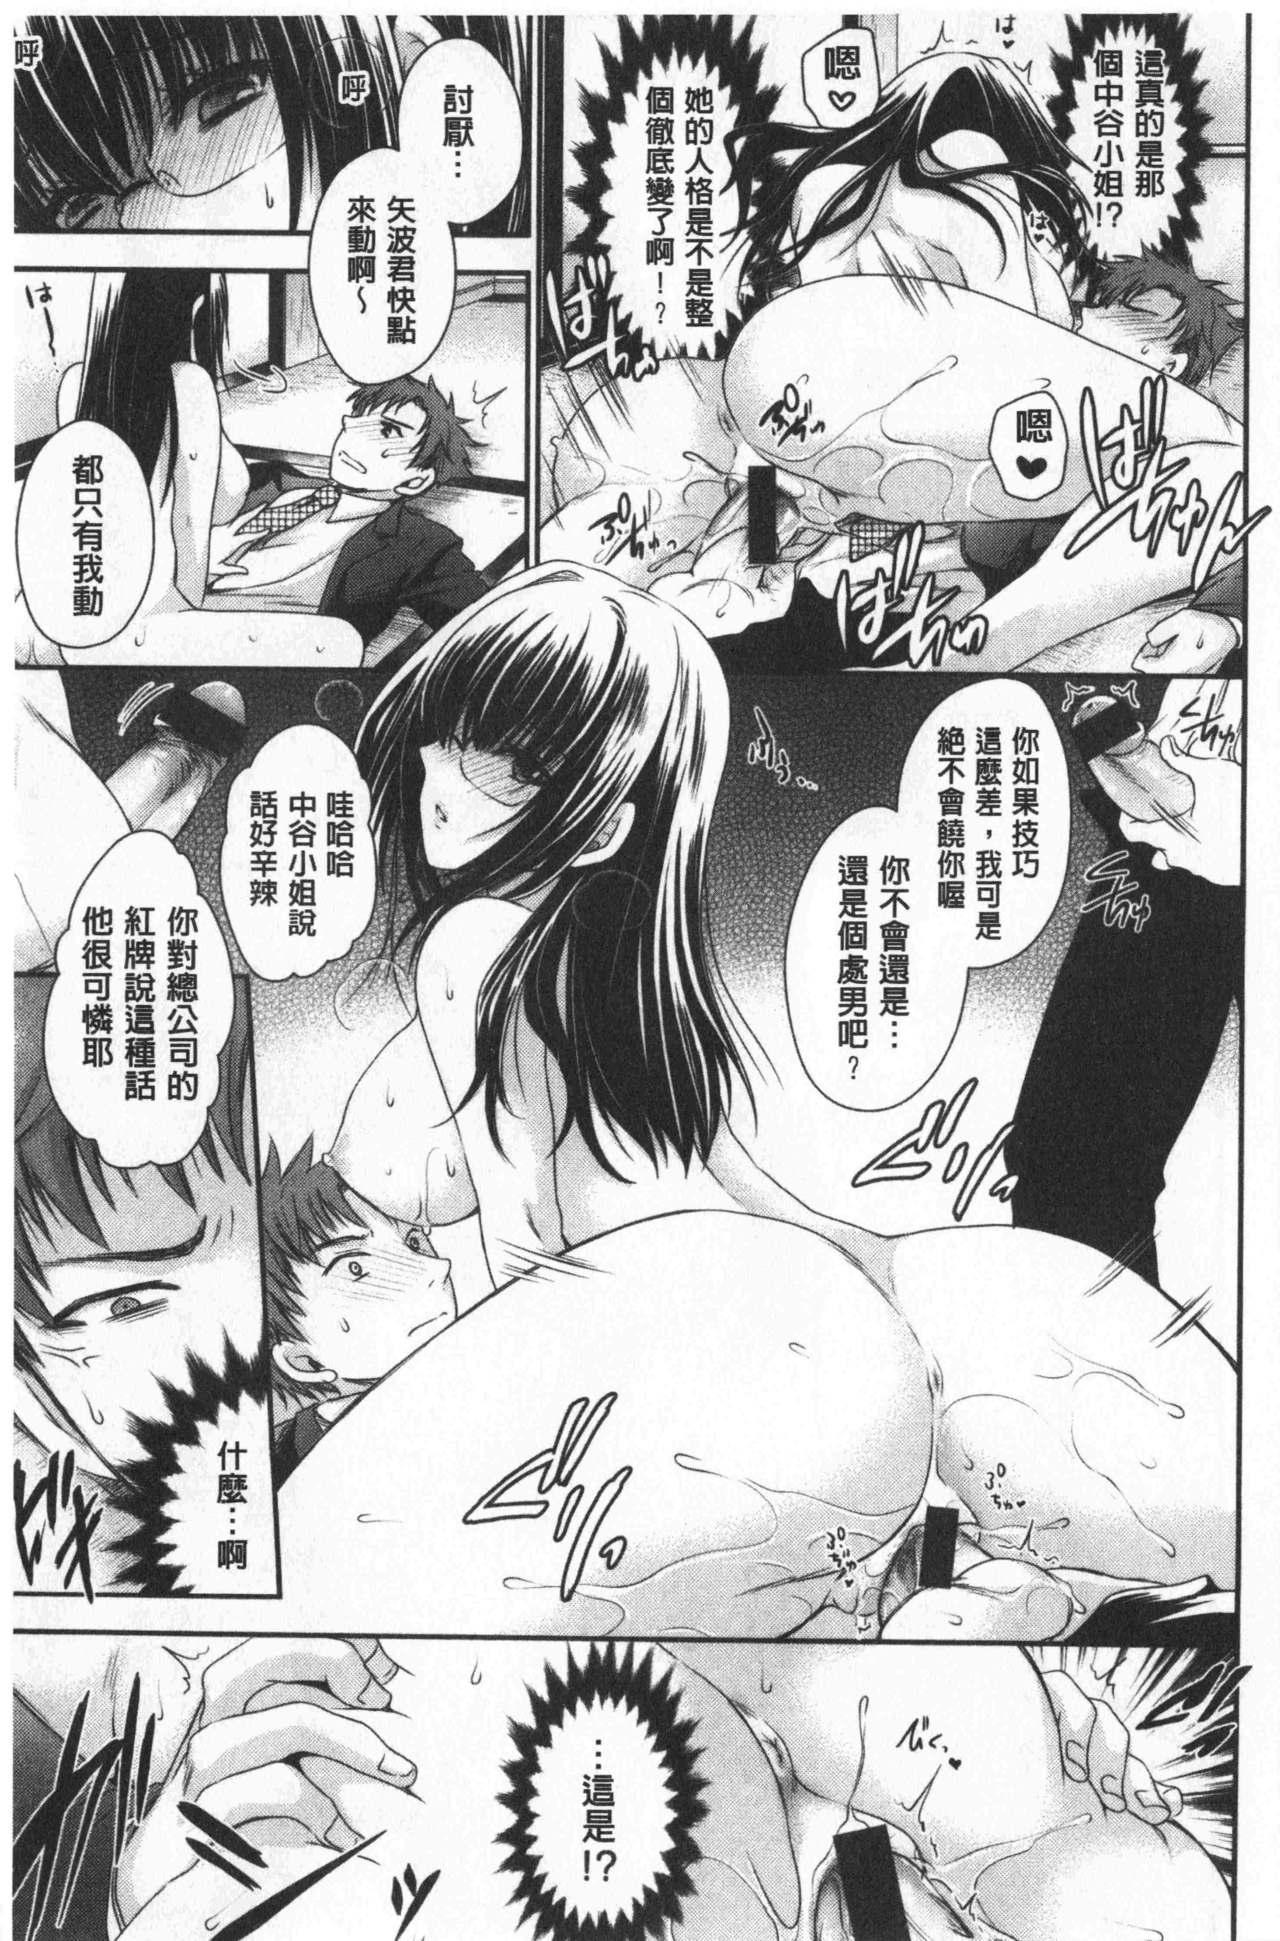 Doku Aru Hana no Amai Mitsu   毒淫花的甘甜蜜 18